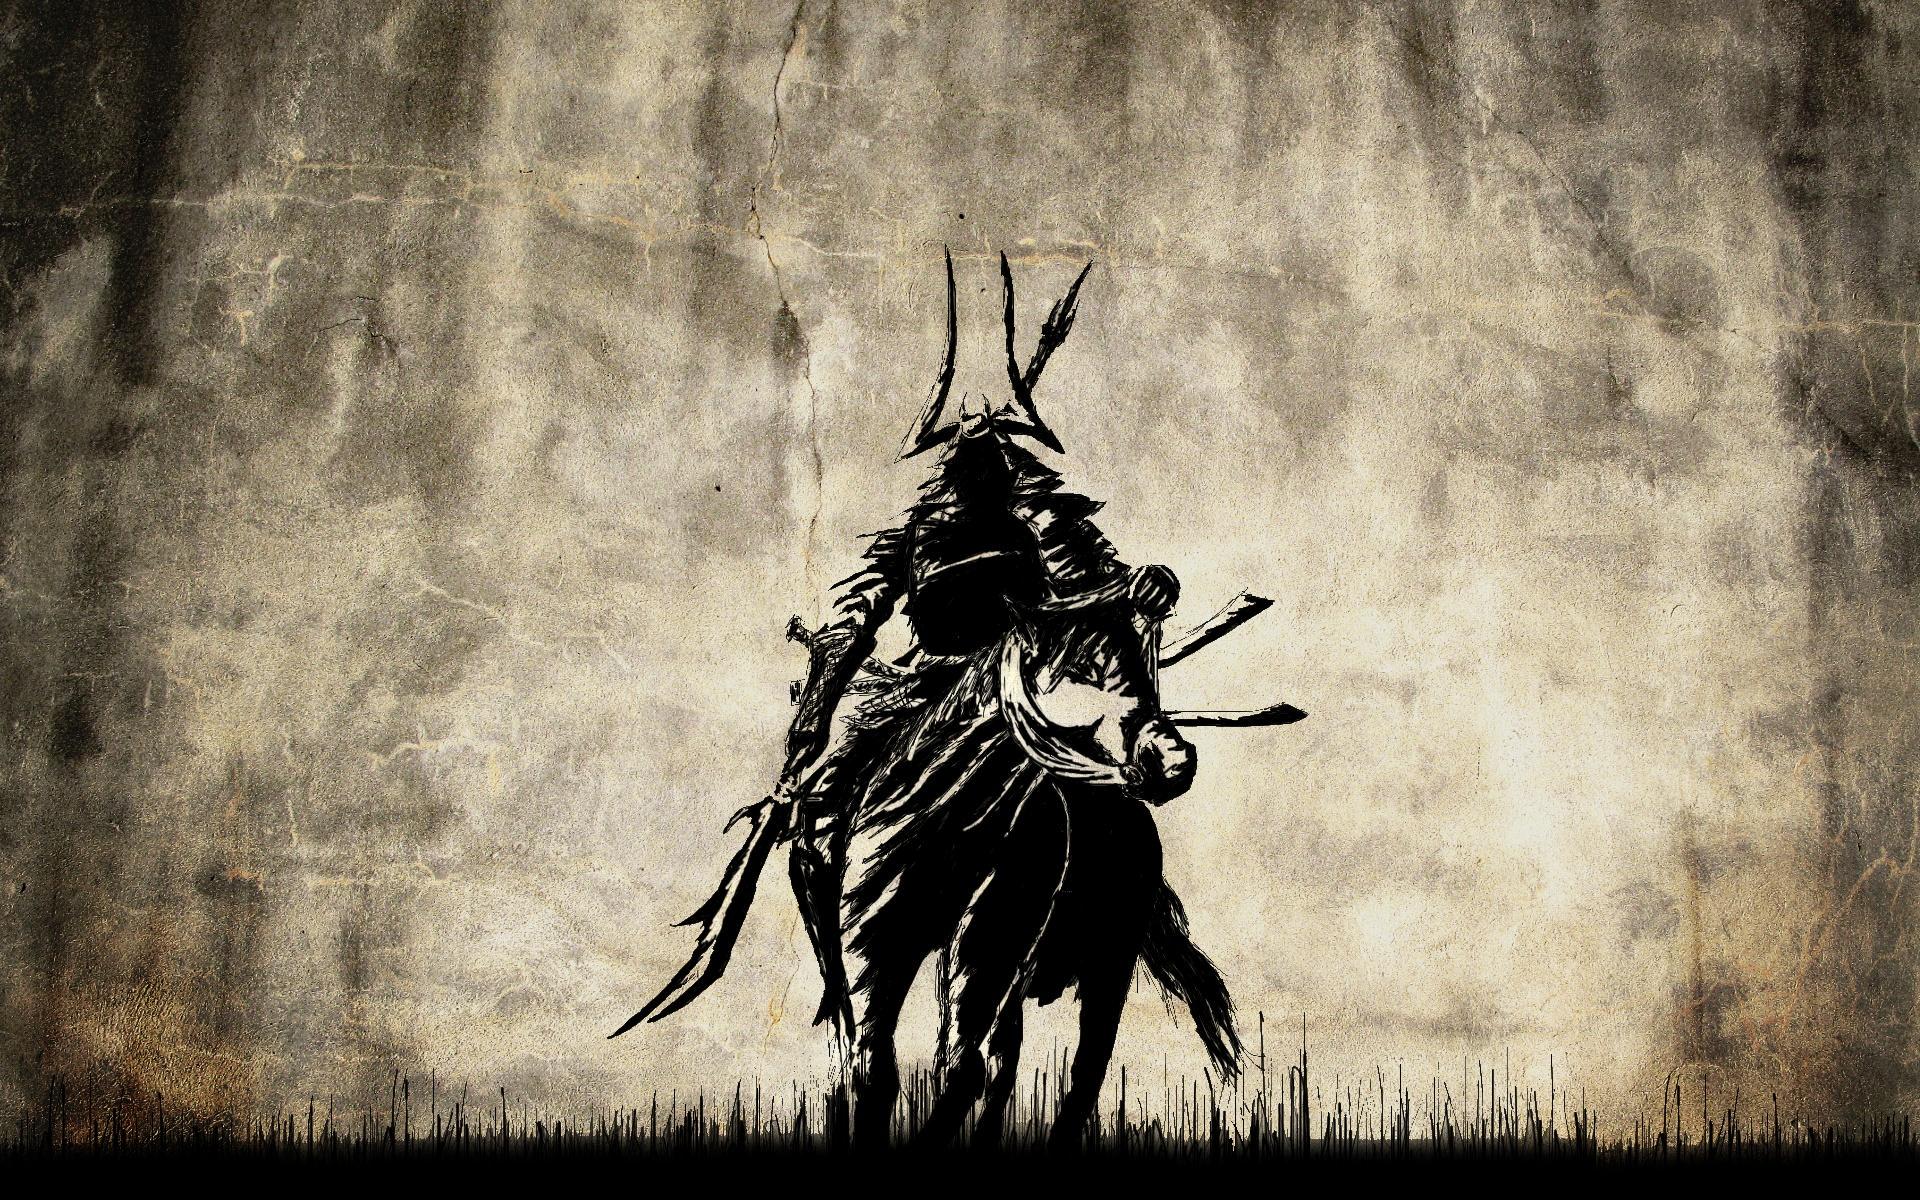 Samurai Wallpaper 1920x1080  WallpaperSafari